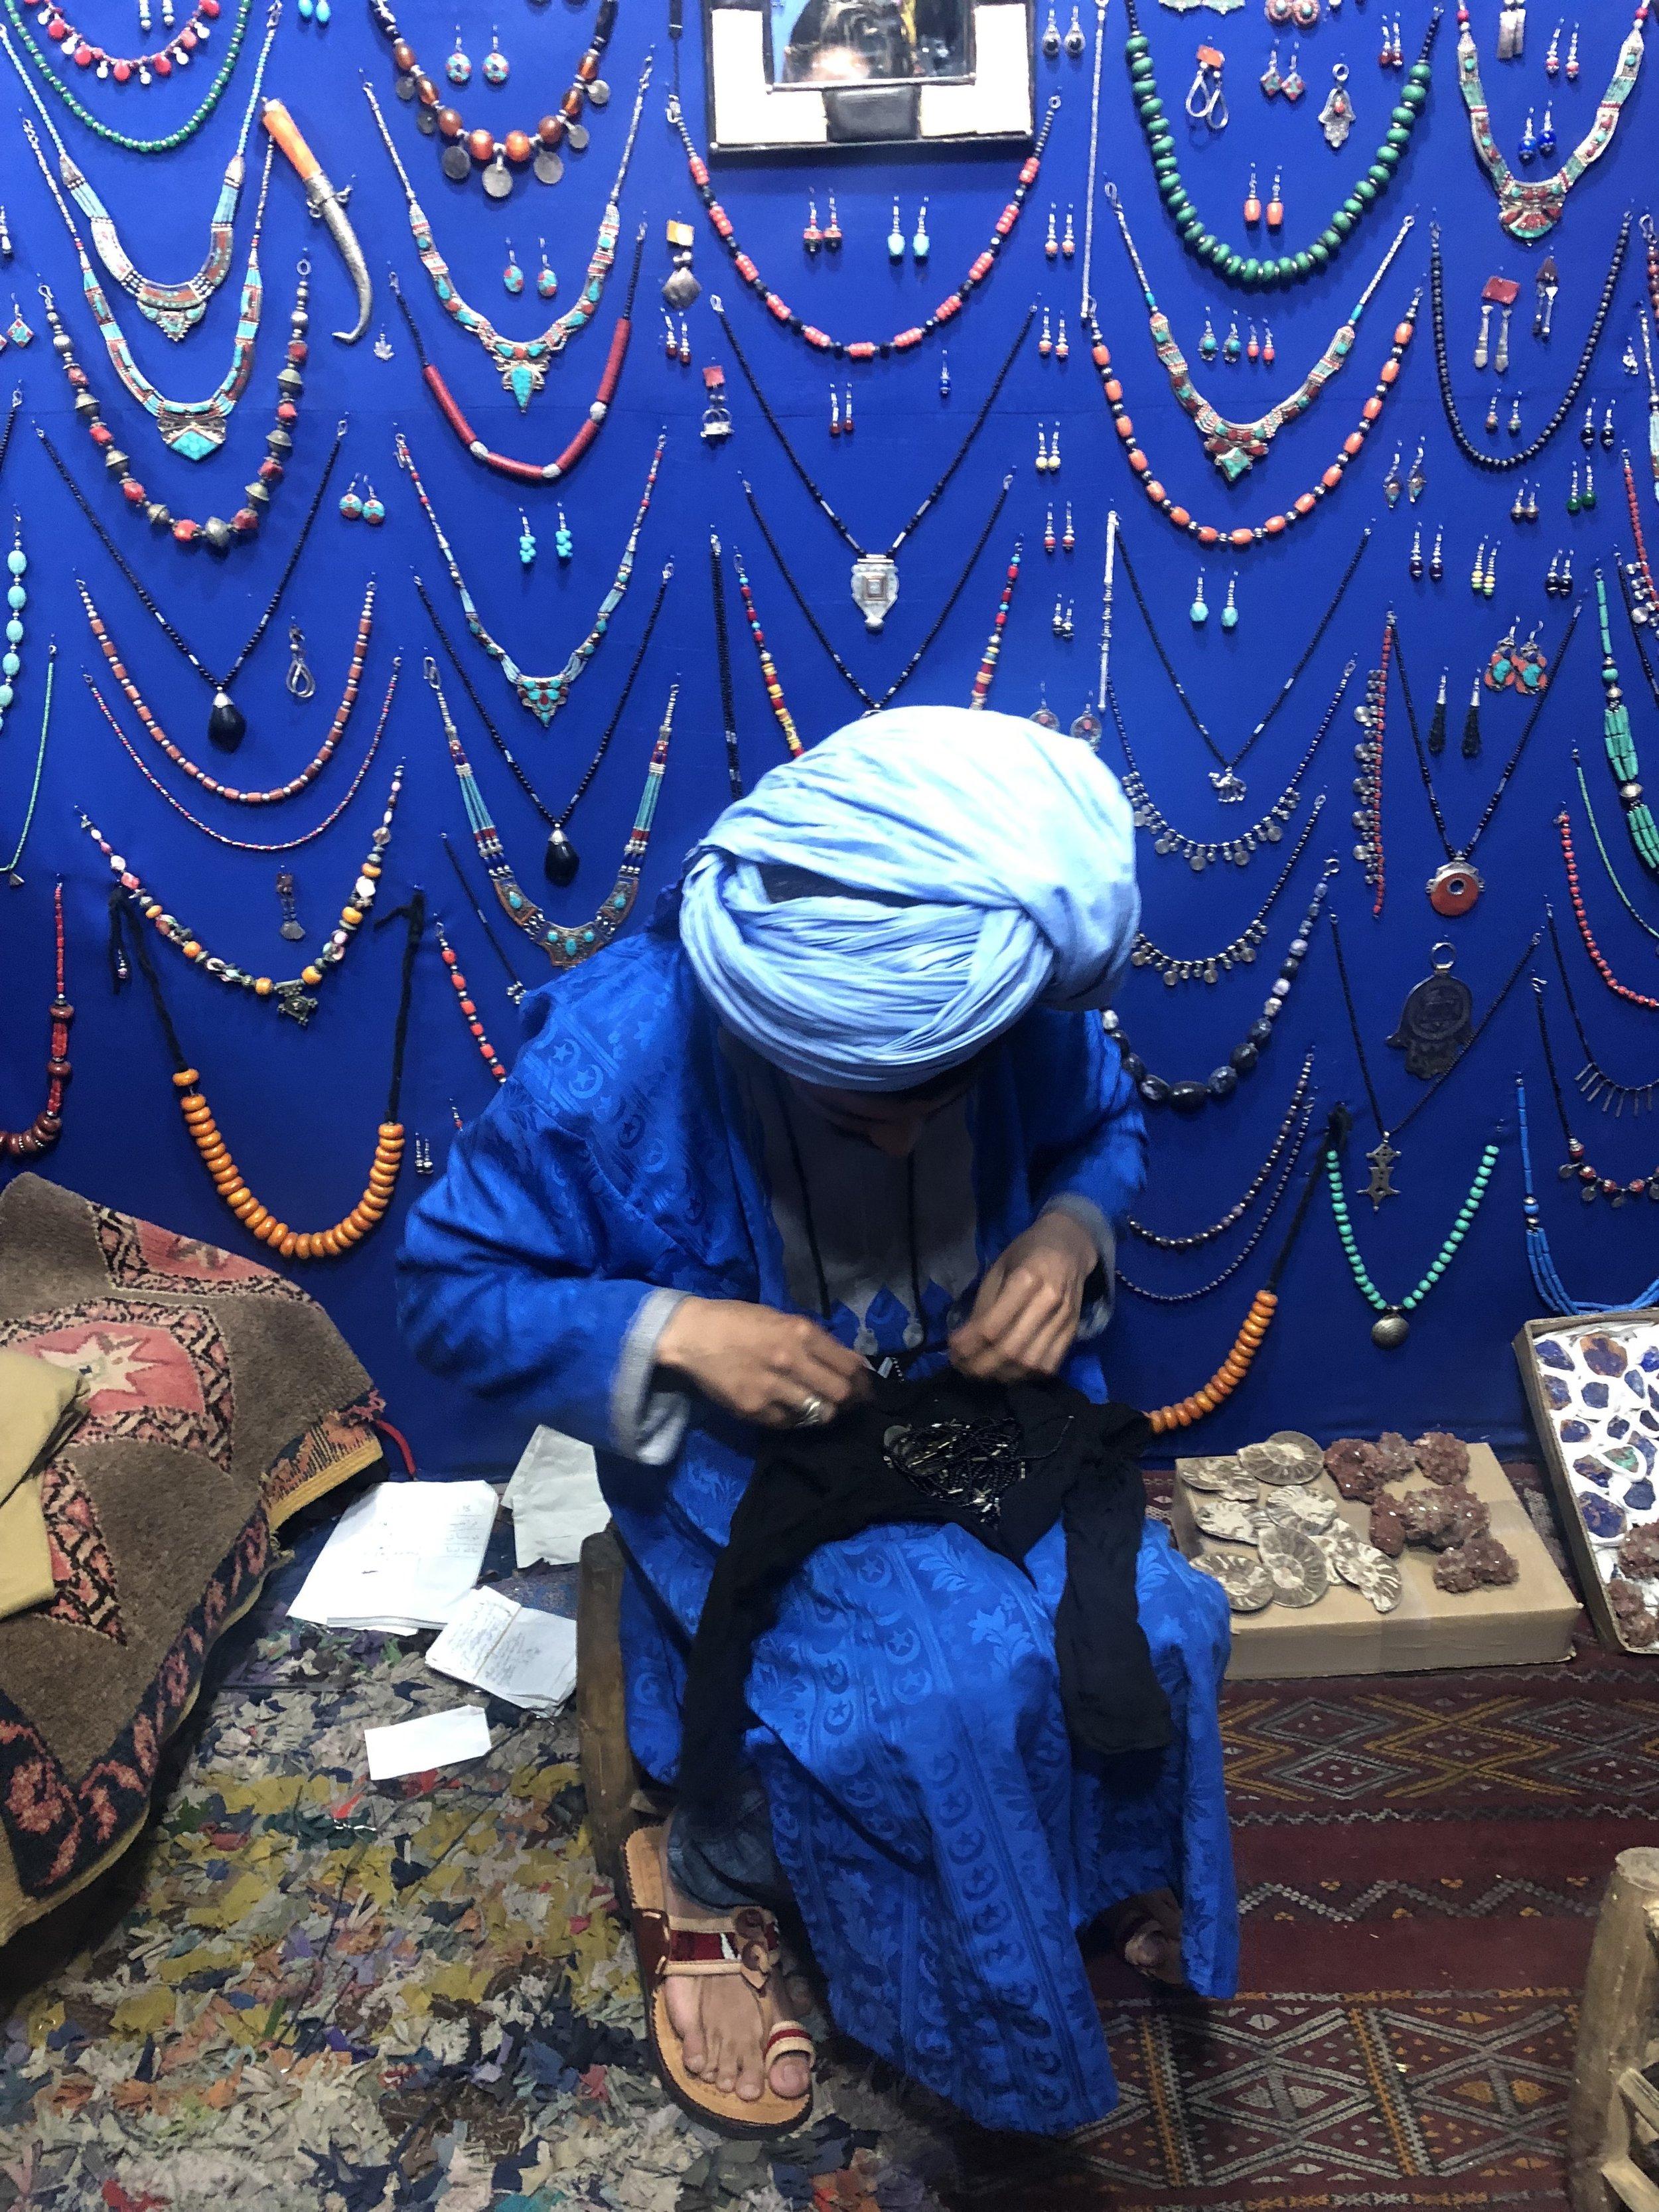 berber jewelry.JPG